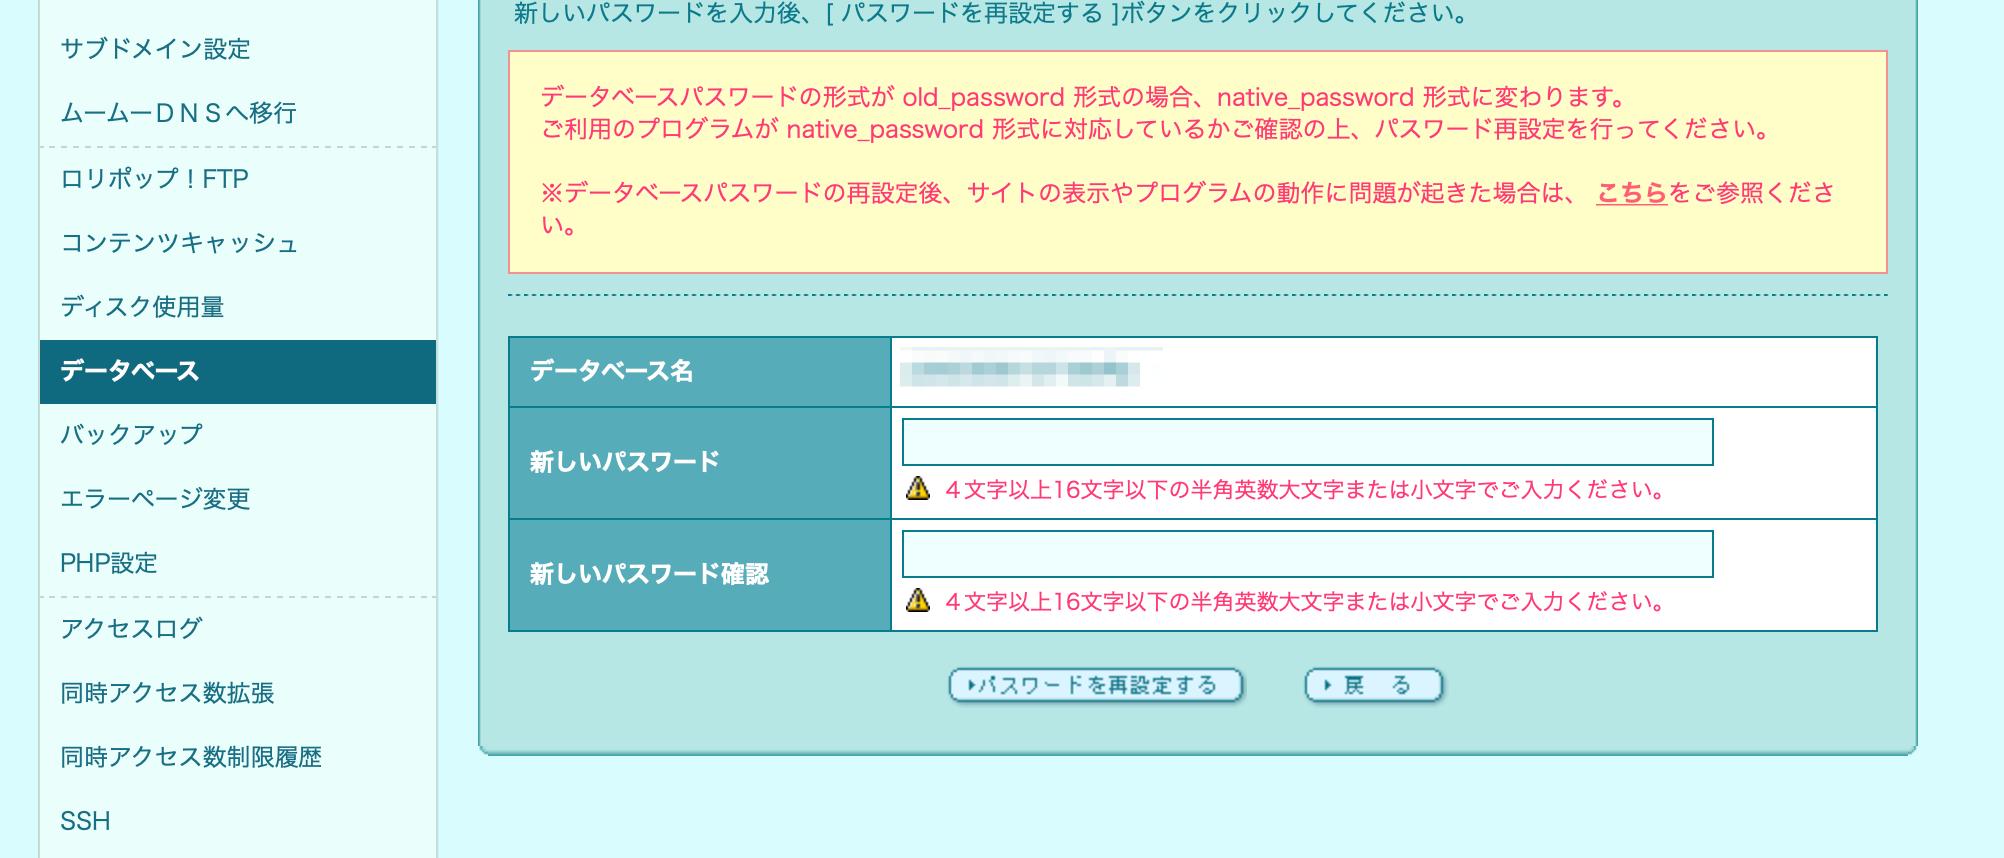 ロリポップ、データベースでパスワードを再設定